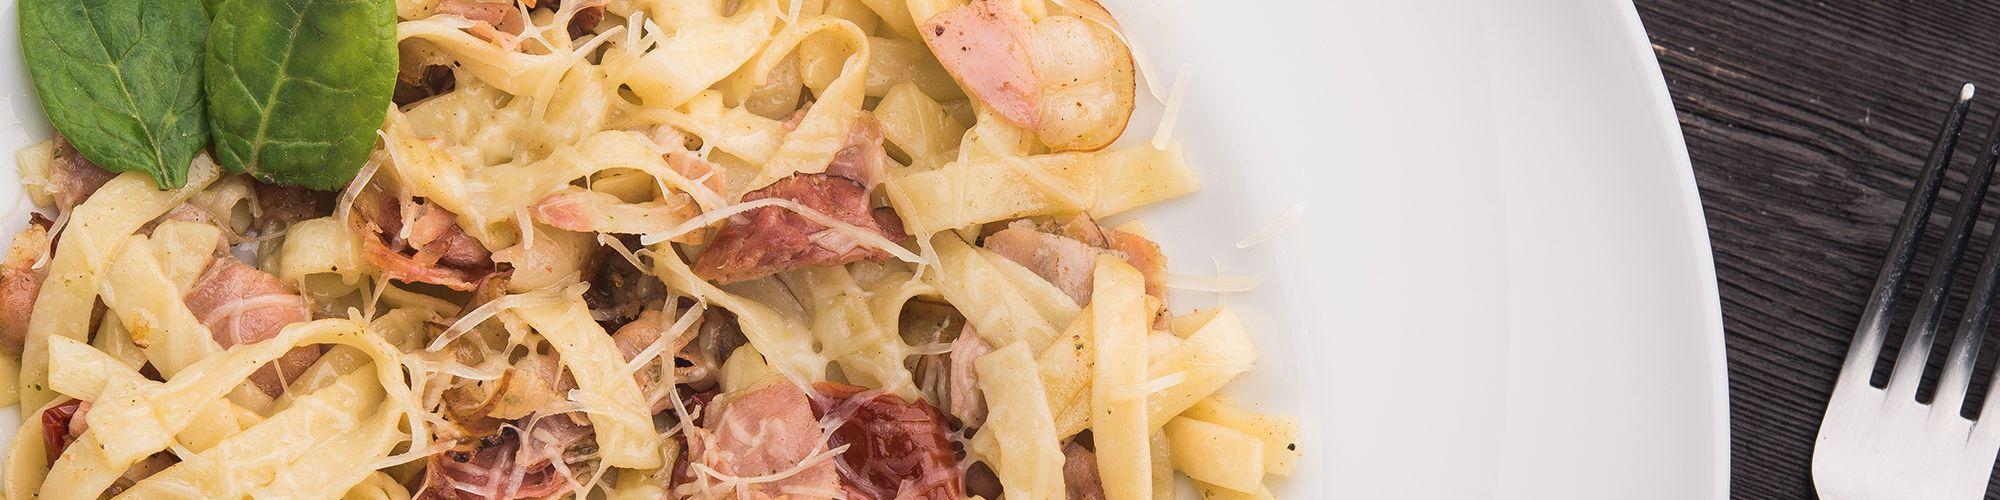 ricetta Tagliatelle con crema di zucchine, bacon e menta con pasta fresca